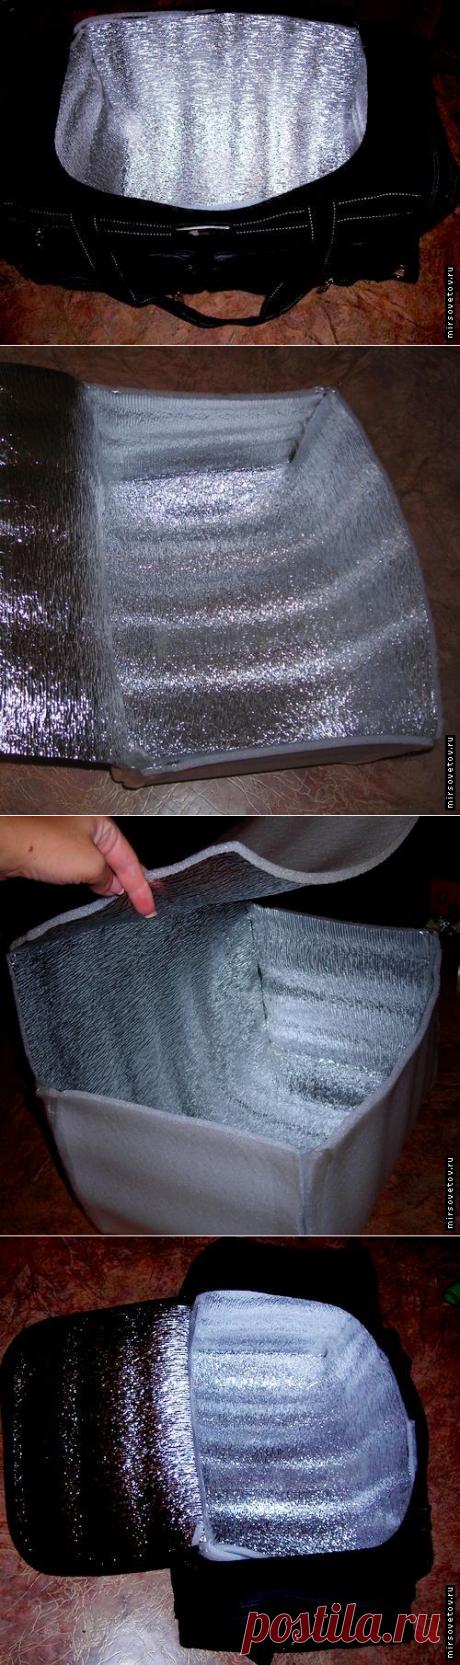 Как сделать сумку-холодильник своими руками: теперь размеры выбираете вы сами — Сделай сам, идеи для творчества - DIY Ideas